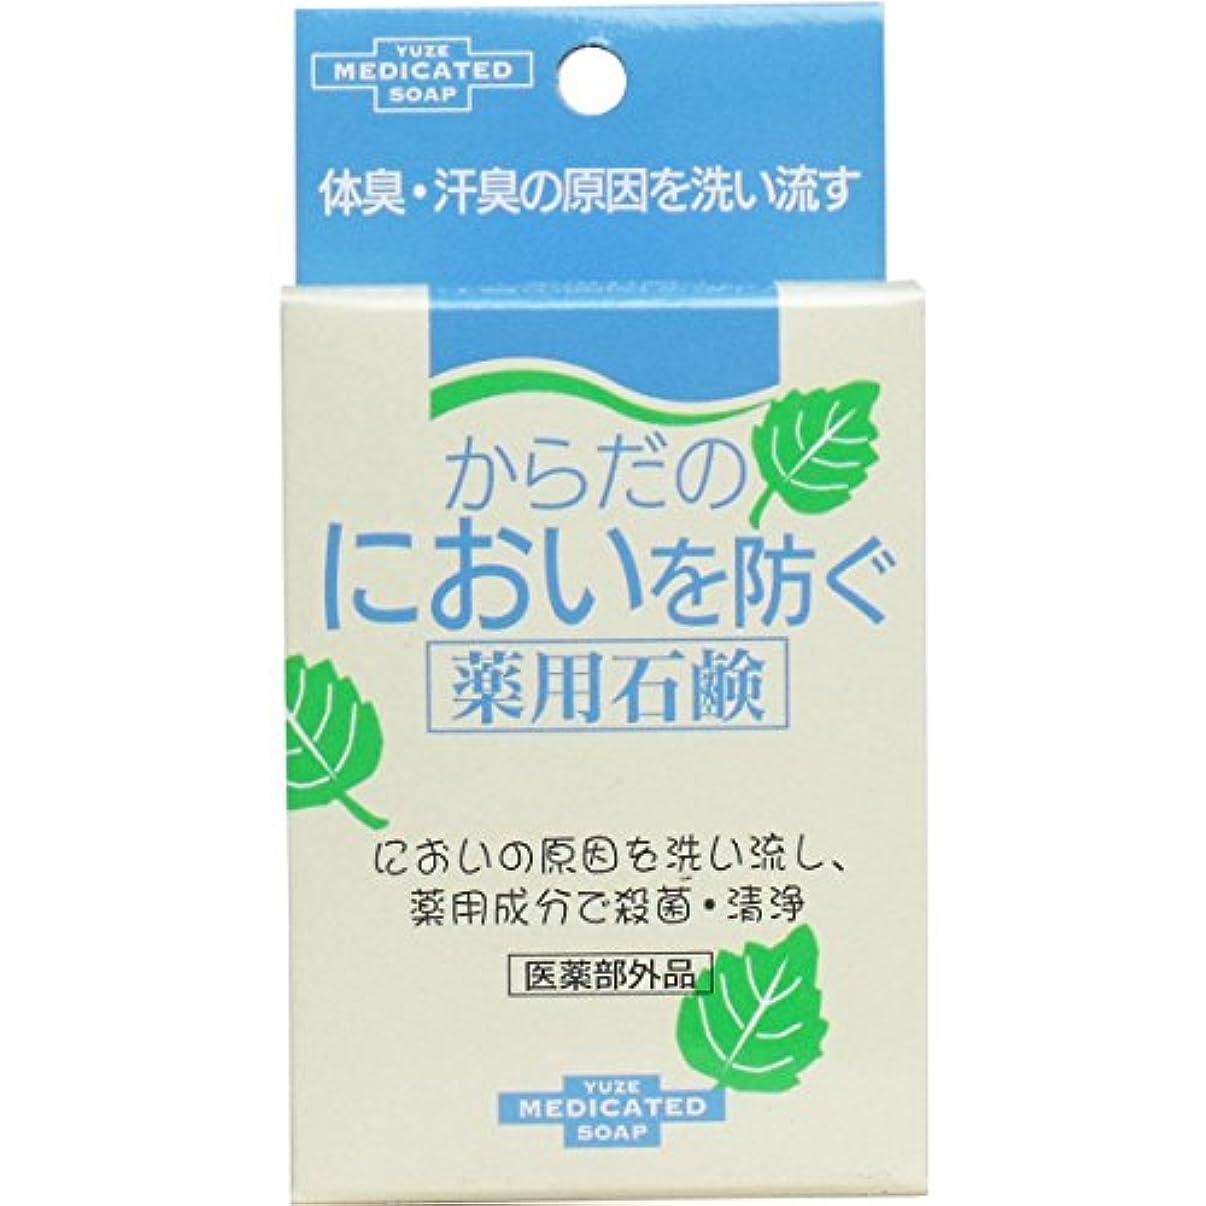 鼻衝突安らぎユゼからだのにおいを防ぐ薬用石鹸 110g×6個セット